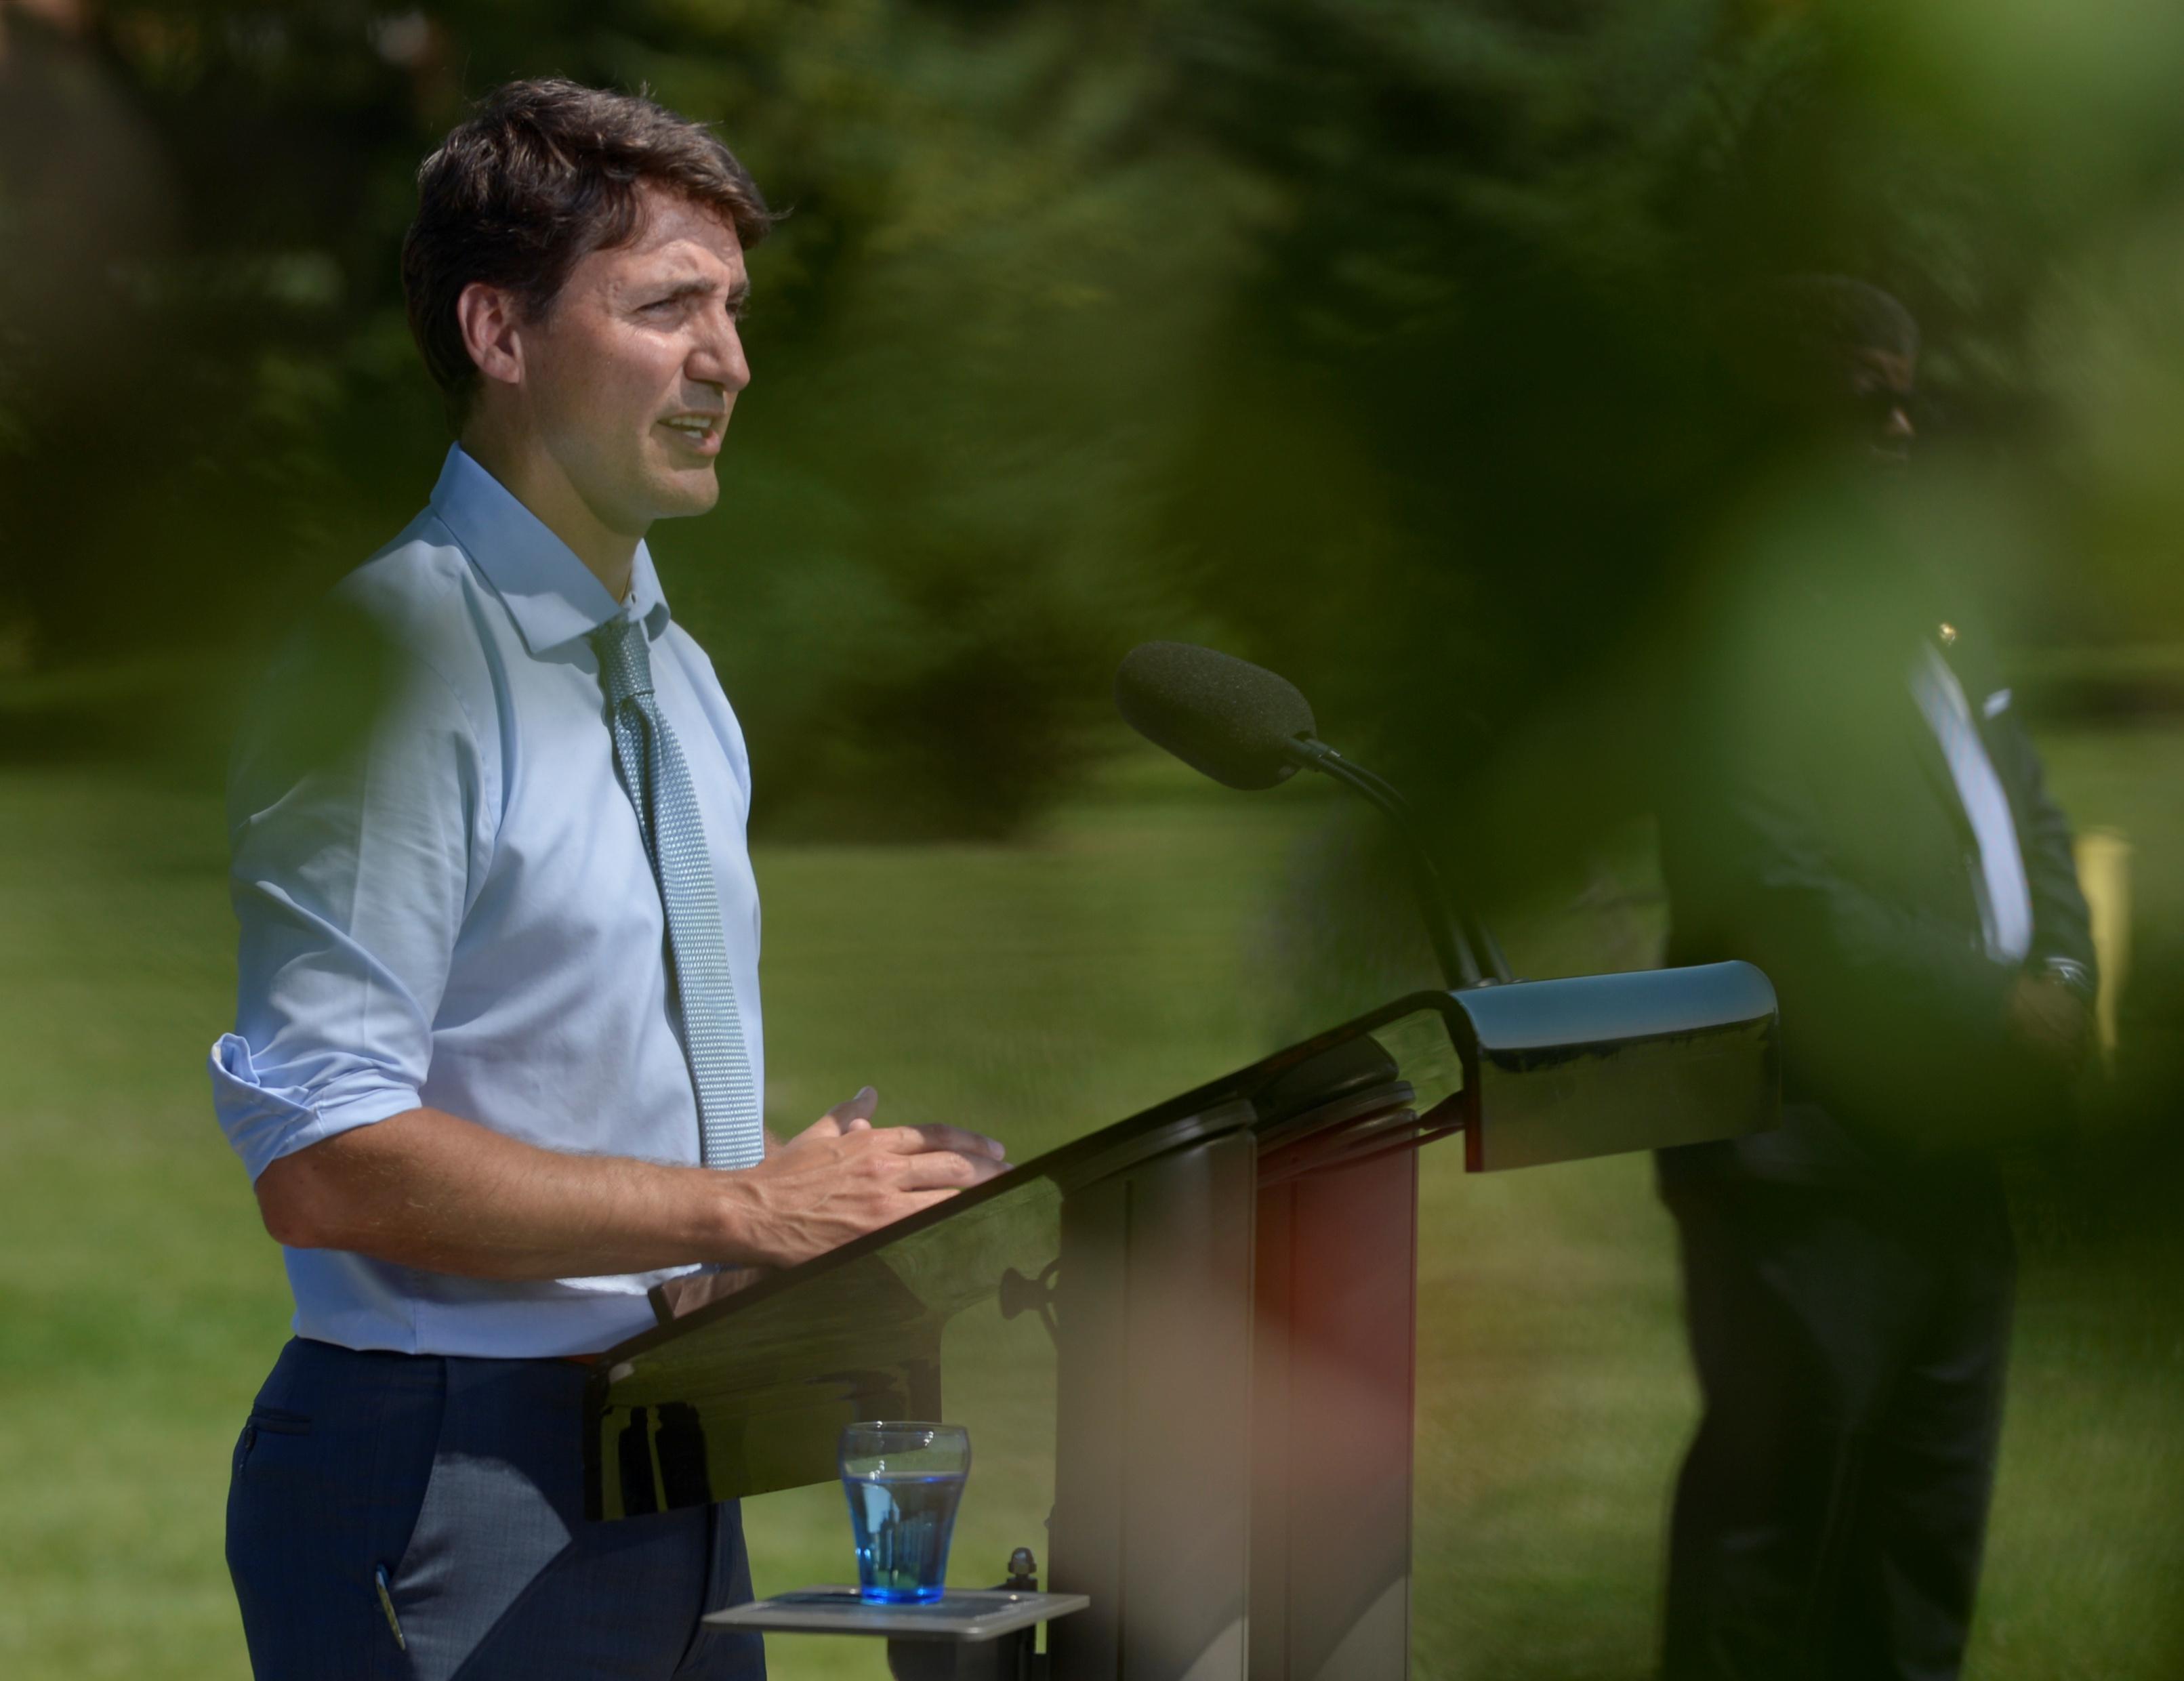 Le Canadien Trudeau reconnaît qu'il a enfreint les règles d'éthique et refuse de s'excuser